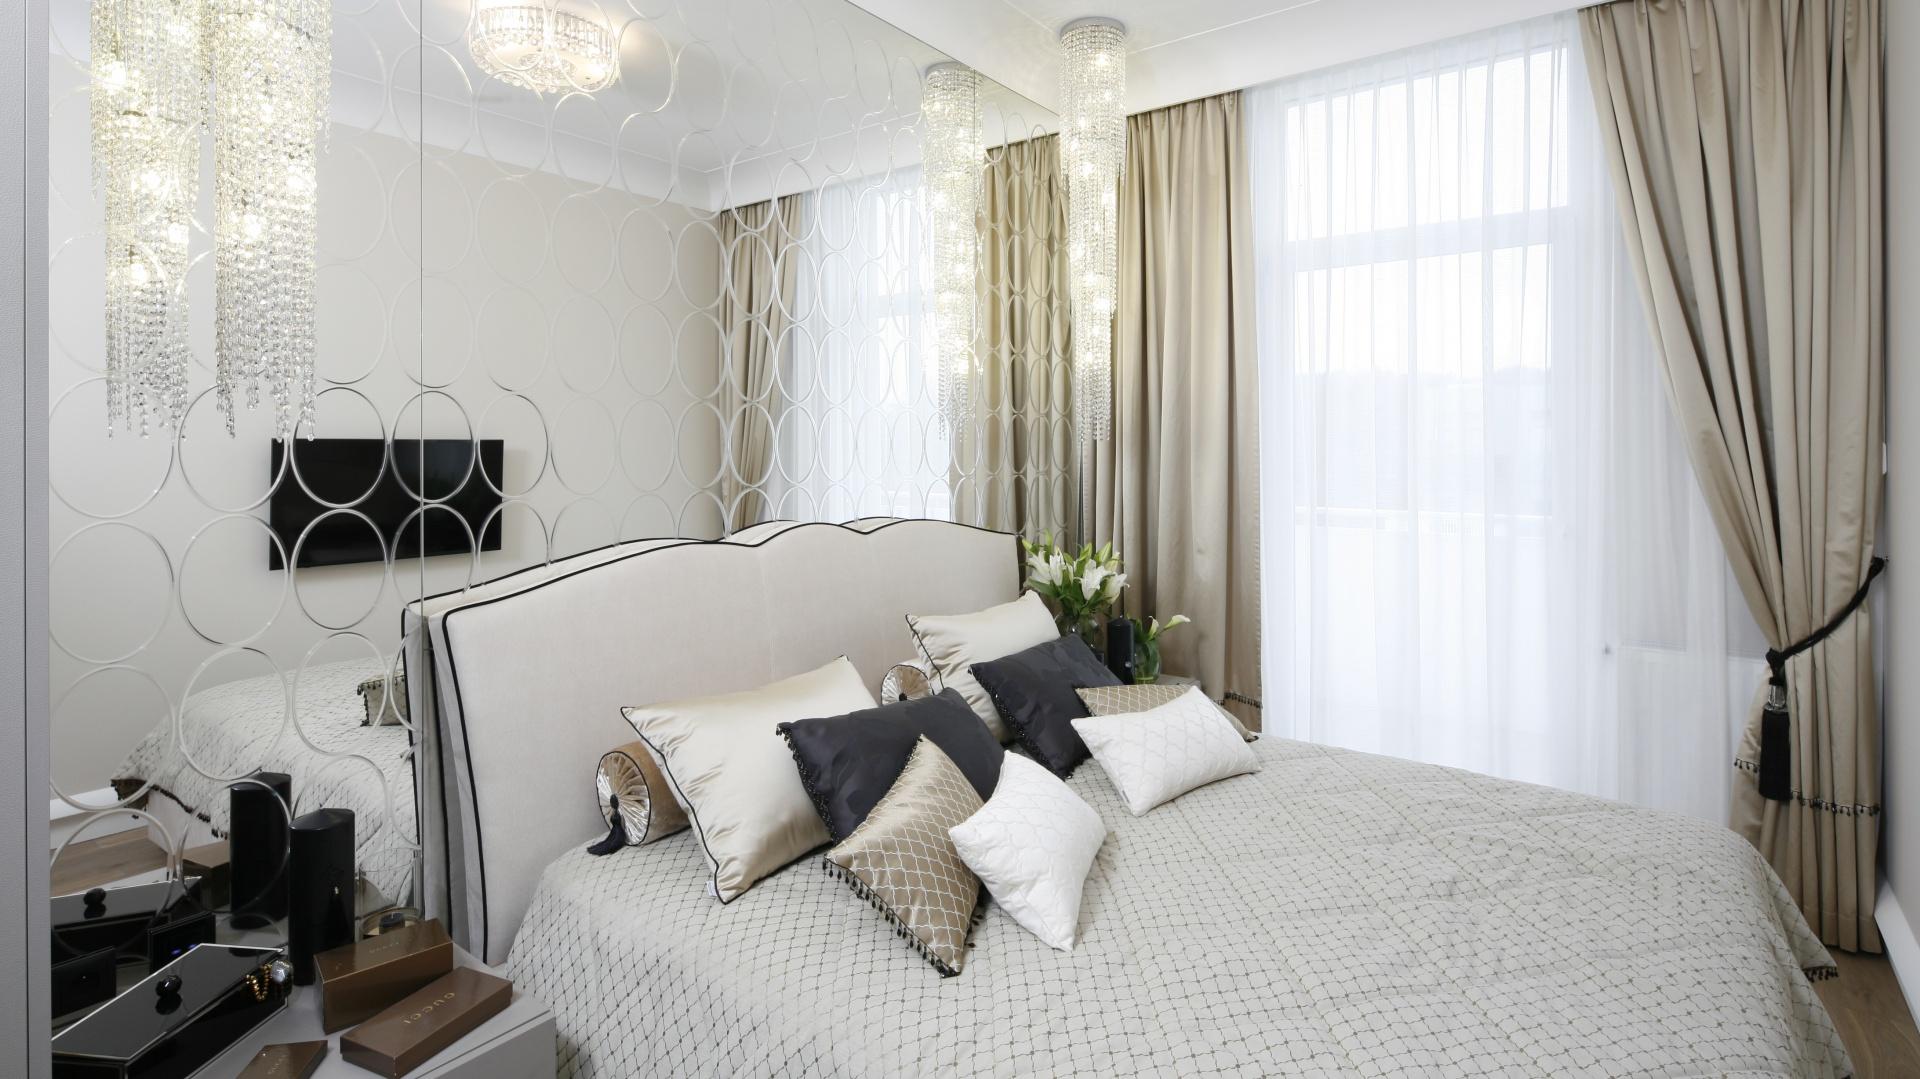 Sypialnia Glamour Hit Czy Kit 10 Zdjęć Projektów Wnętrz